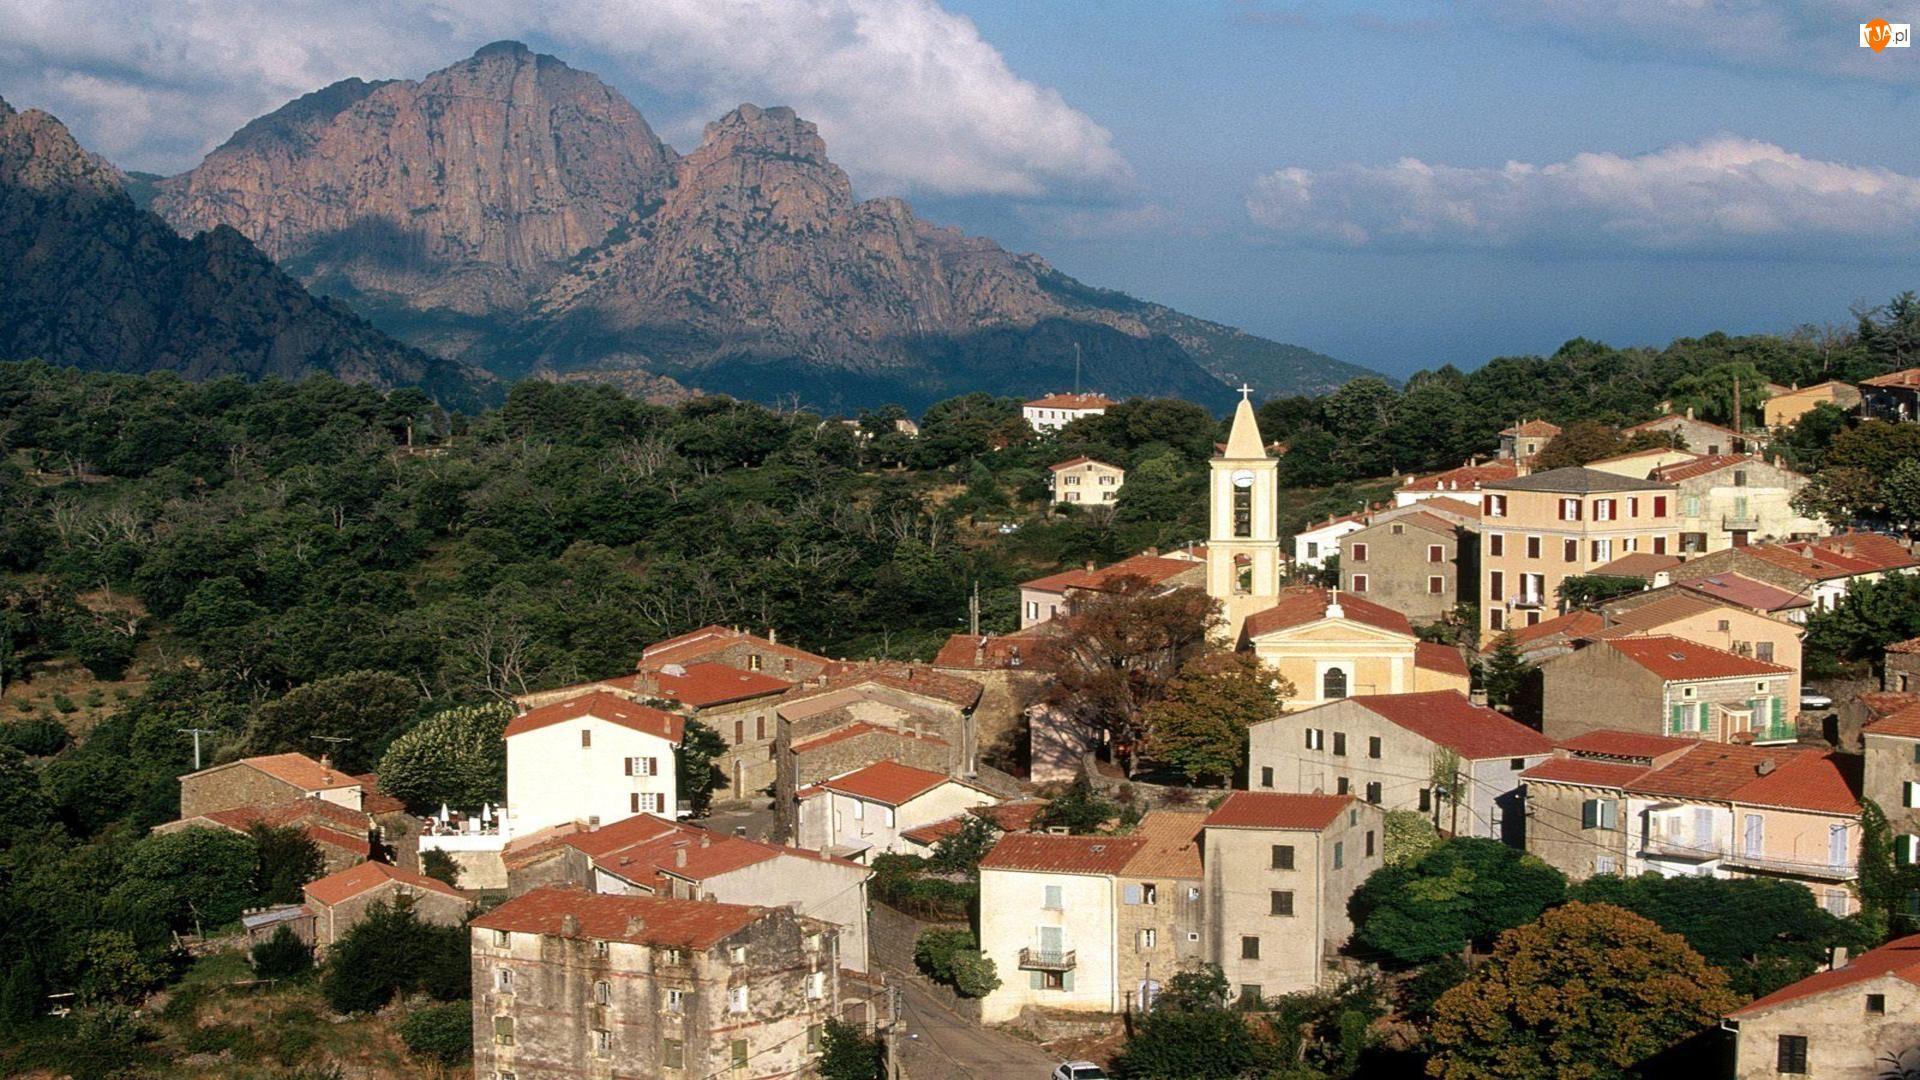 Wyspa, Domki, Korsyka, Góry